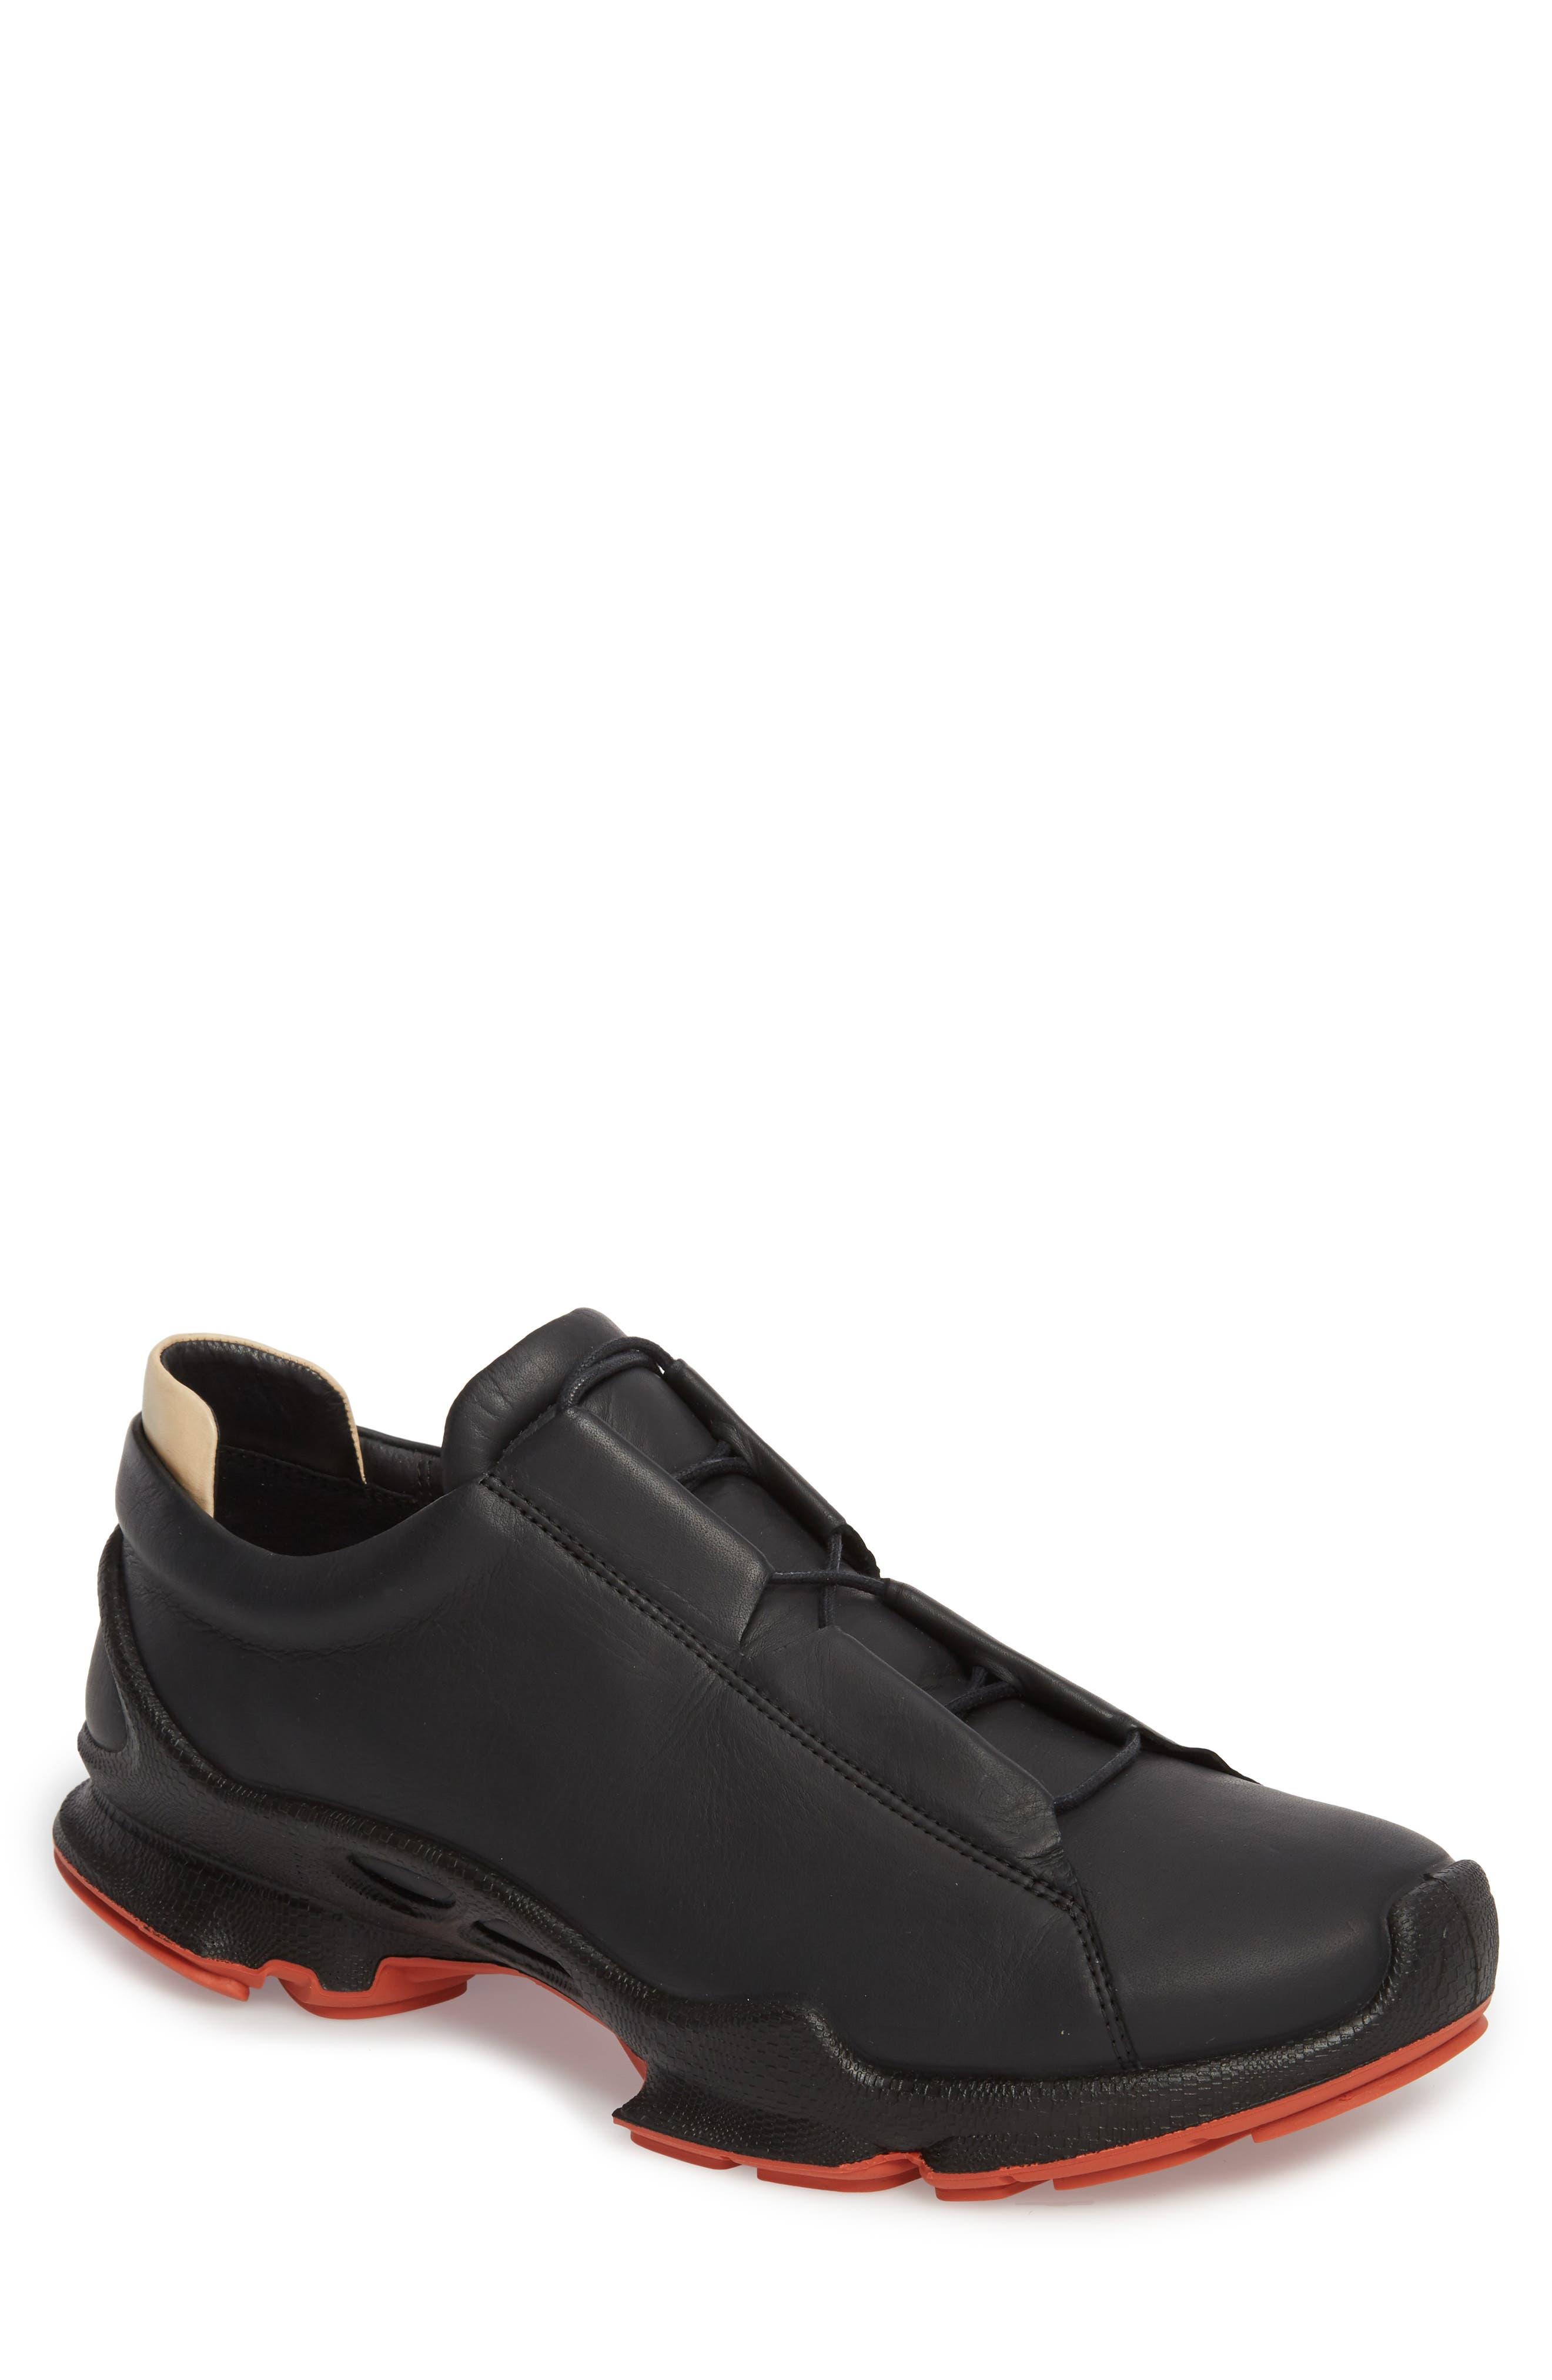 BIOM C Low Top Sneaker,                             Main thumbnail 1, color,                             003